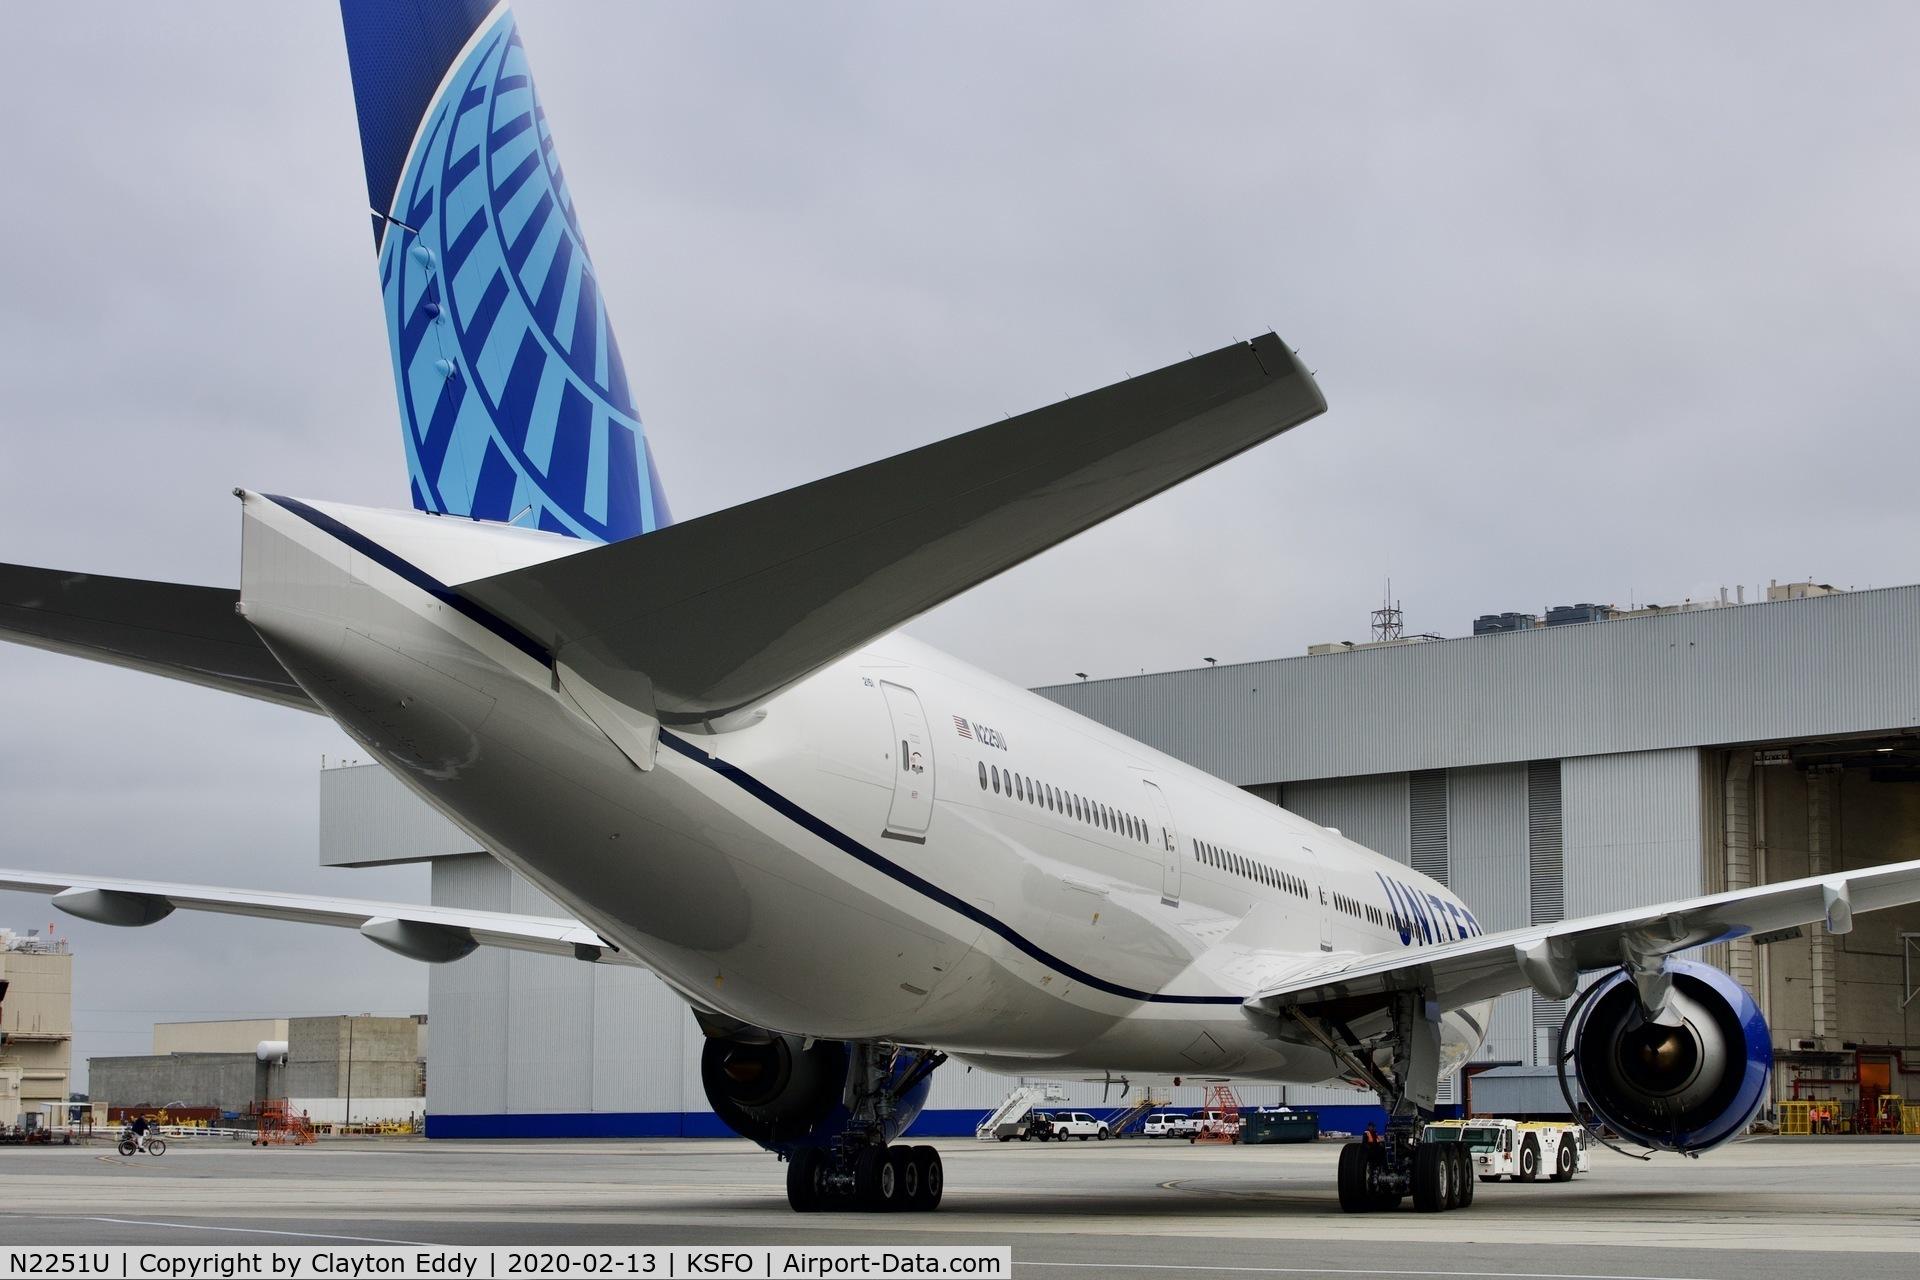 N2251U, 2020 Boeing 777-300/ER C/N 66591, SFO 2020.